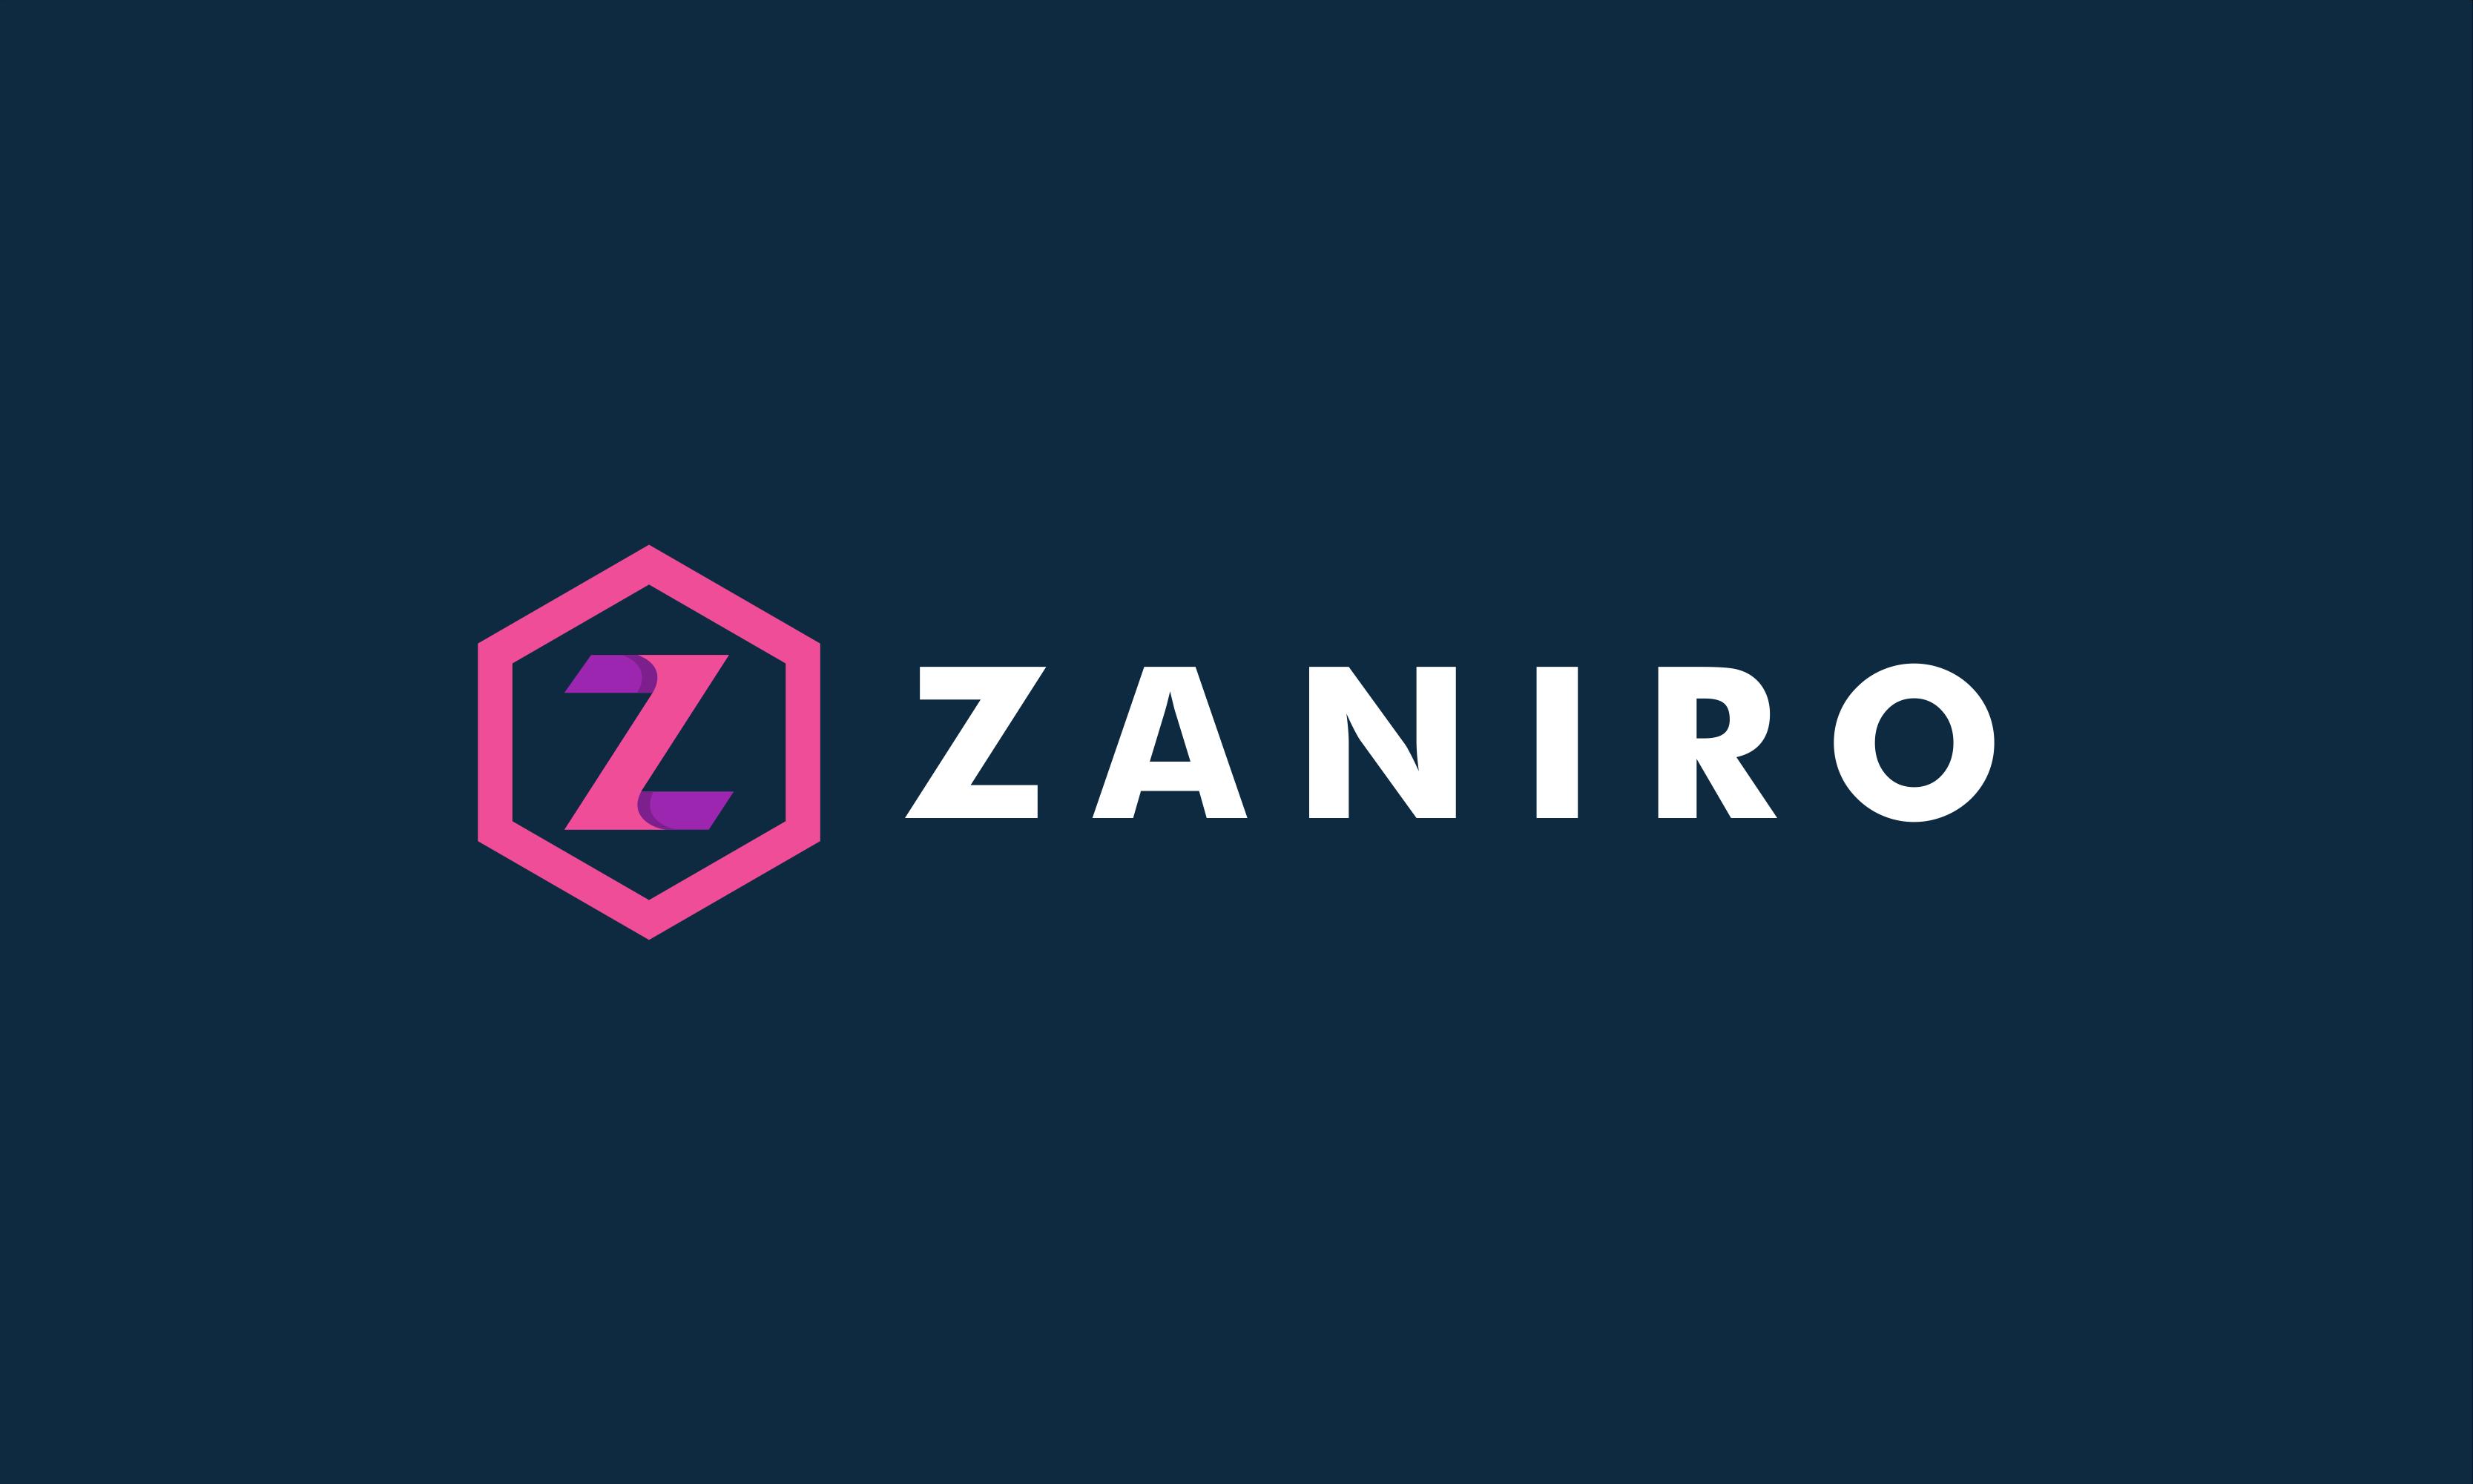 Zaniro